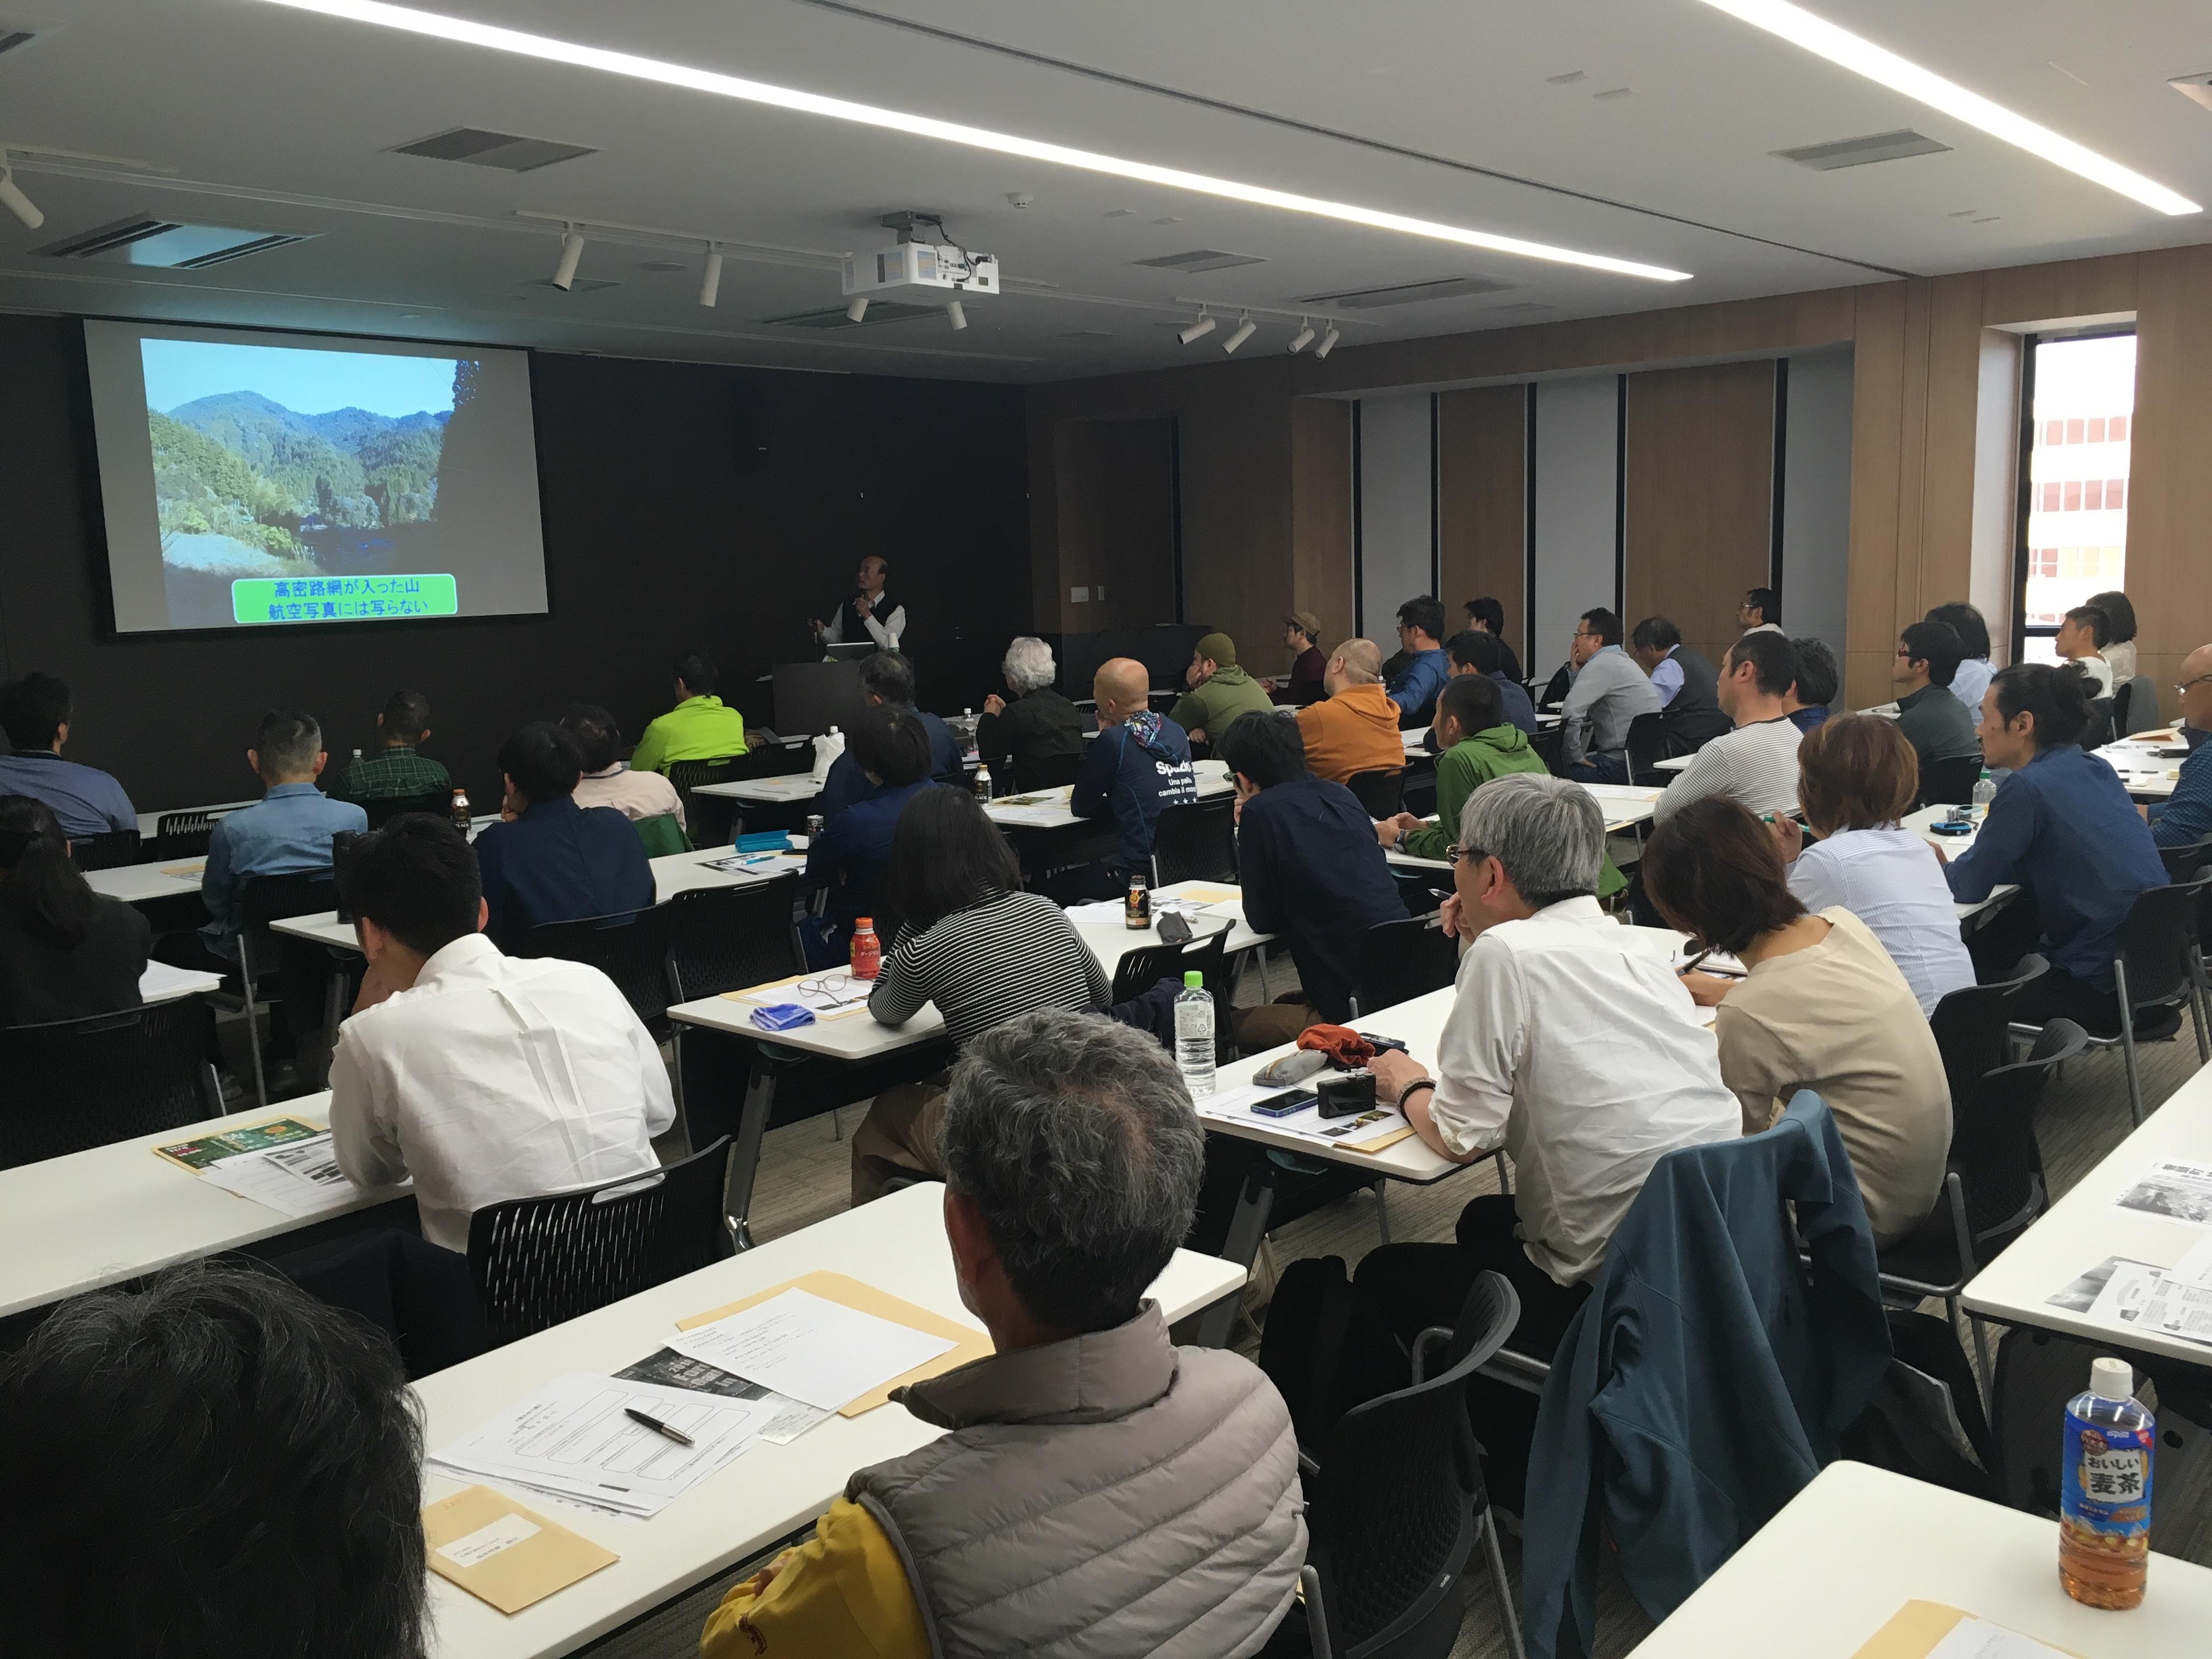 奈良フォーラム「壊れゆく森」は大盛況 ─ 山守を育成する「大和森林管理協会」が発足